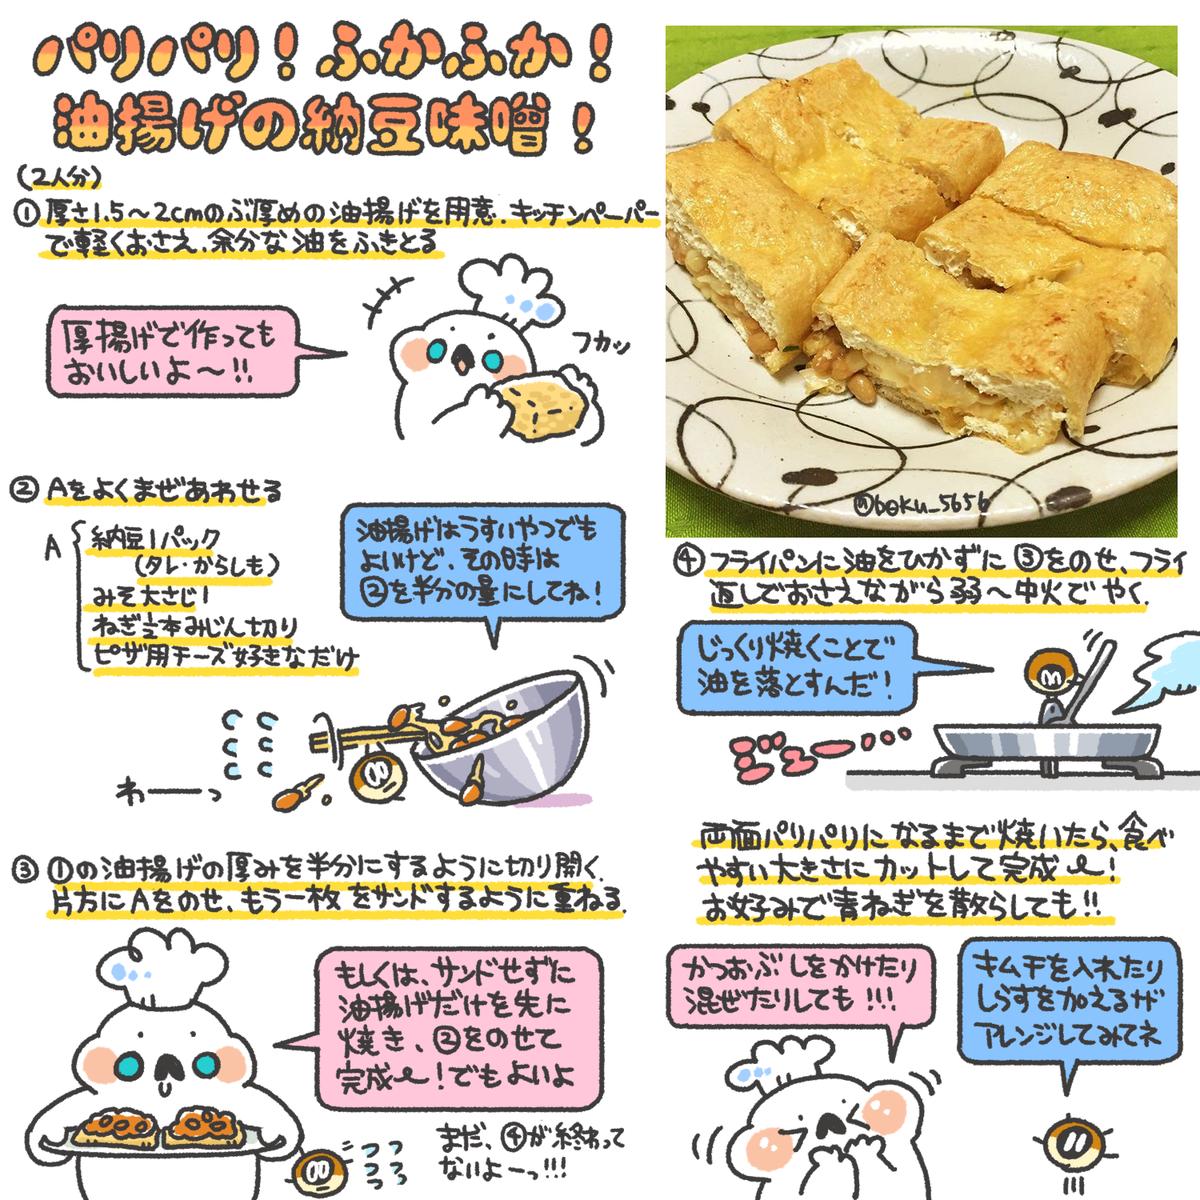 パリパリ!ふかふか!油揚げの納豆味噌のレシピをまとめました!!!₍₍ ◝(OO)◟ ⁾⁾